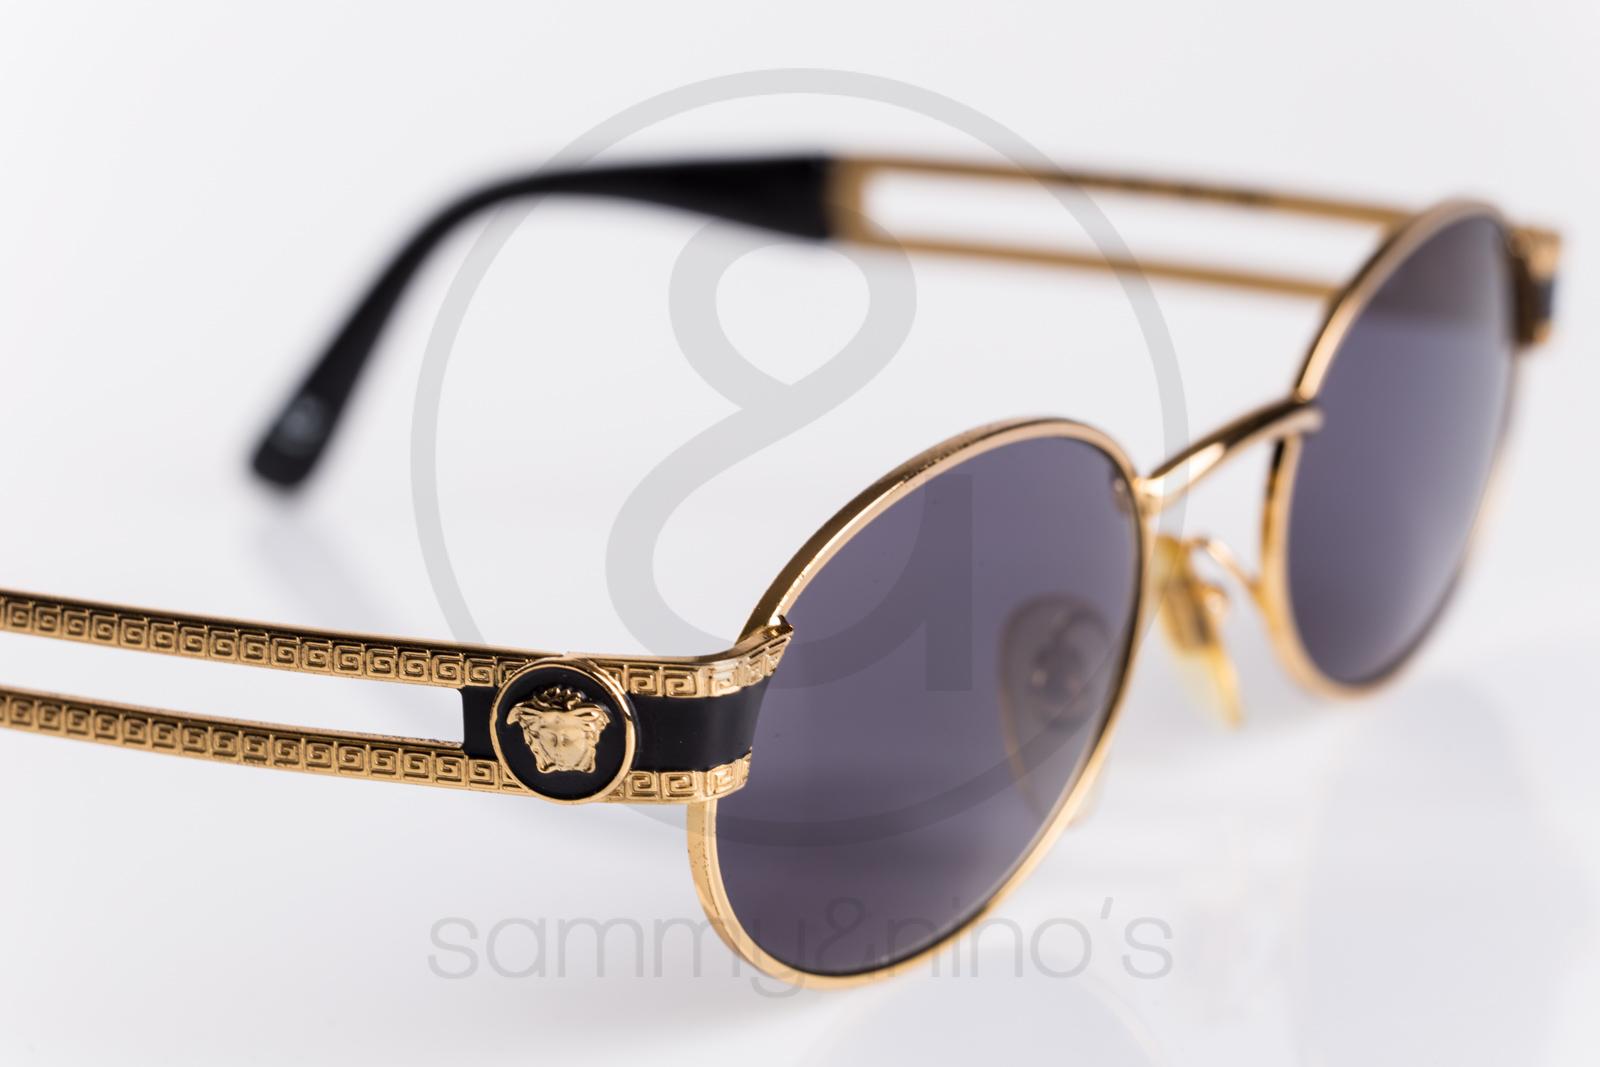 Gianni Versace S58 16m Sammy Amp Nino S Store